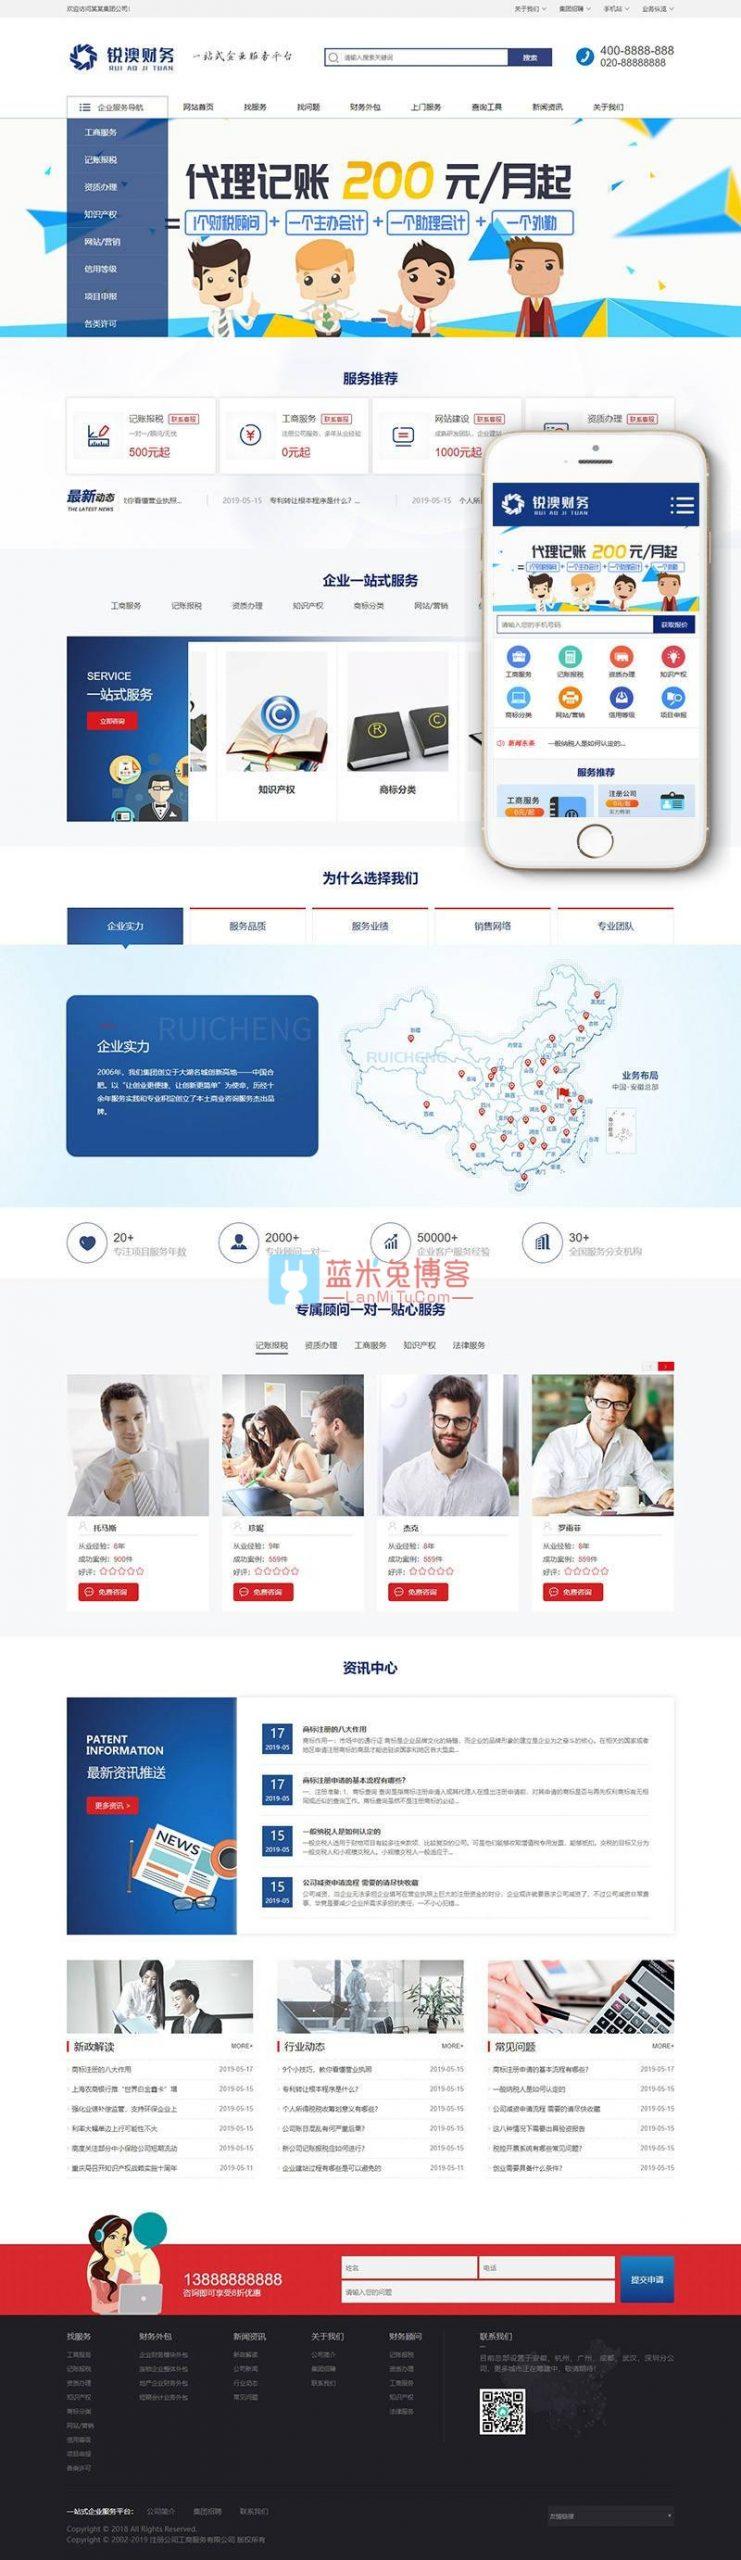 财务注册公司工商服务类企业网站织梦模板